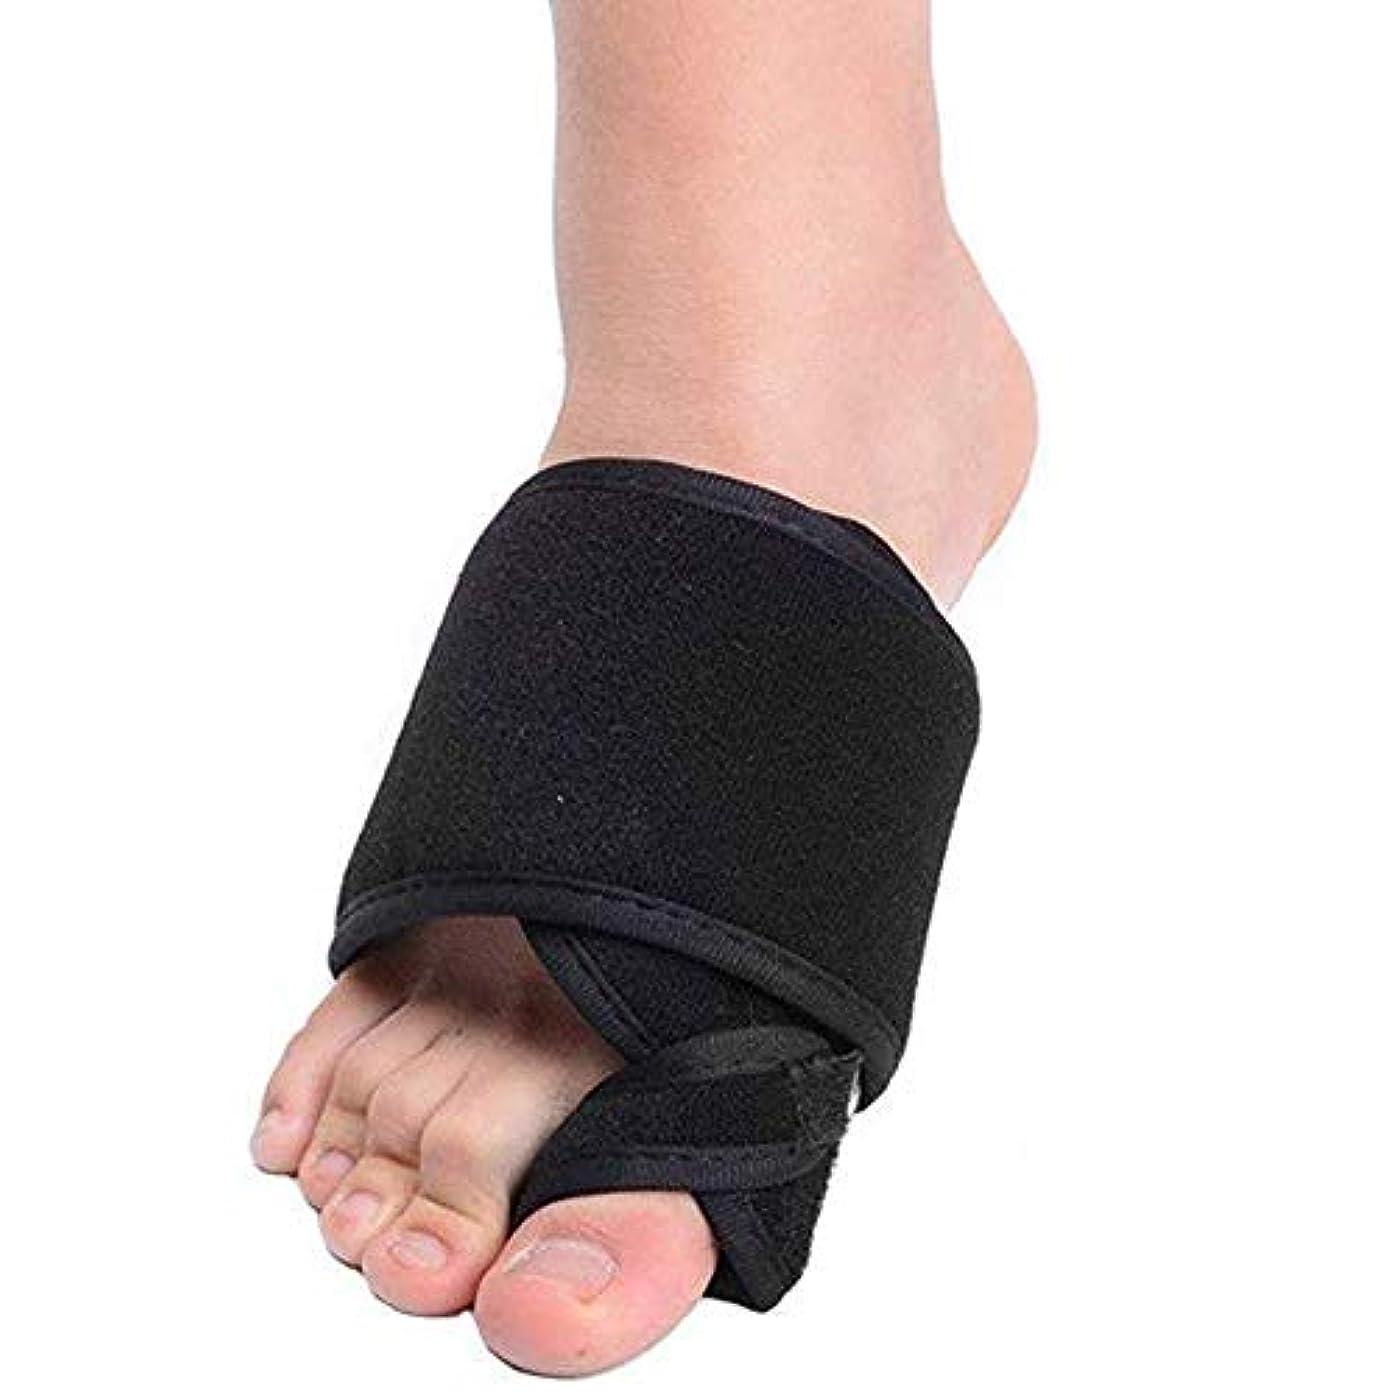 回復ヘビ免除するスプリントサポート付きのつま先セパレーター調整可能なストラップオーバーラップトウのつま先の痛みの緩和(1)